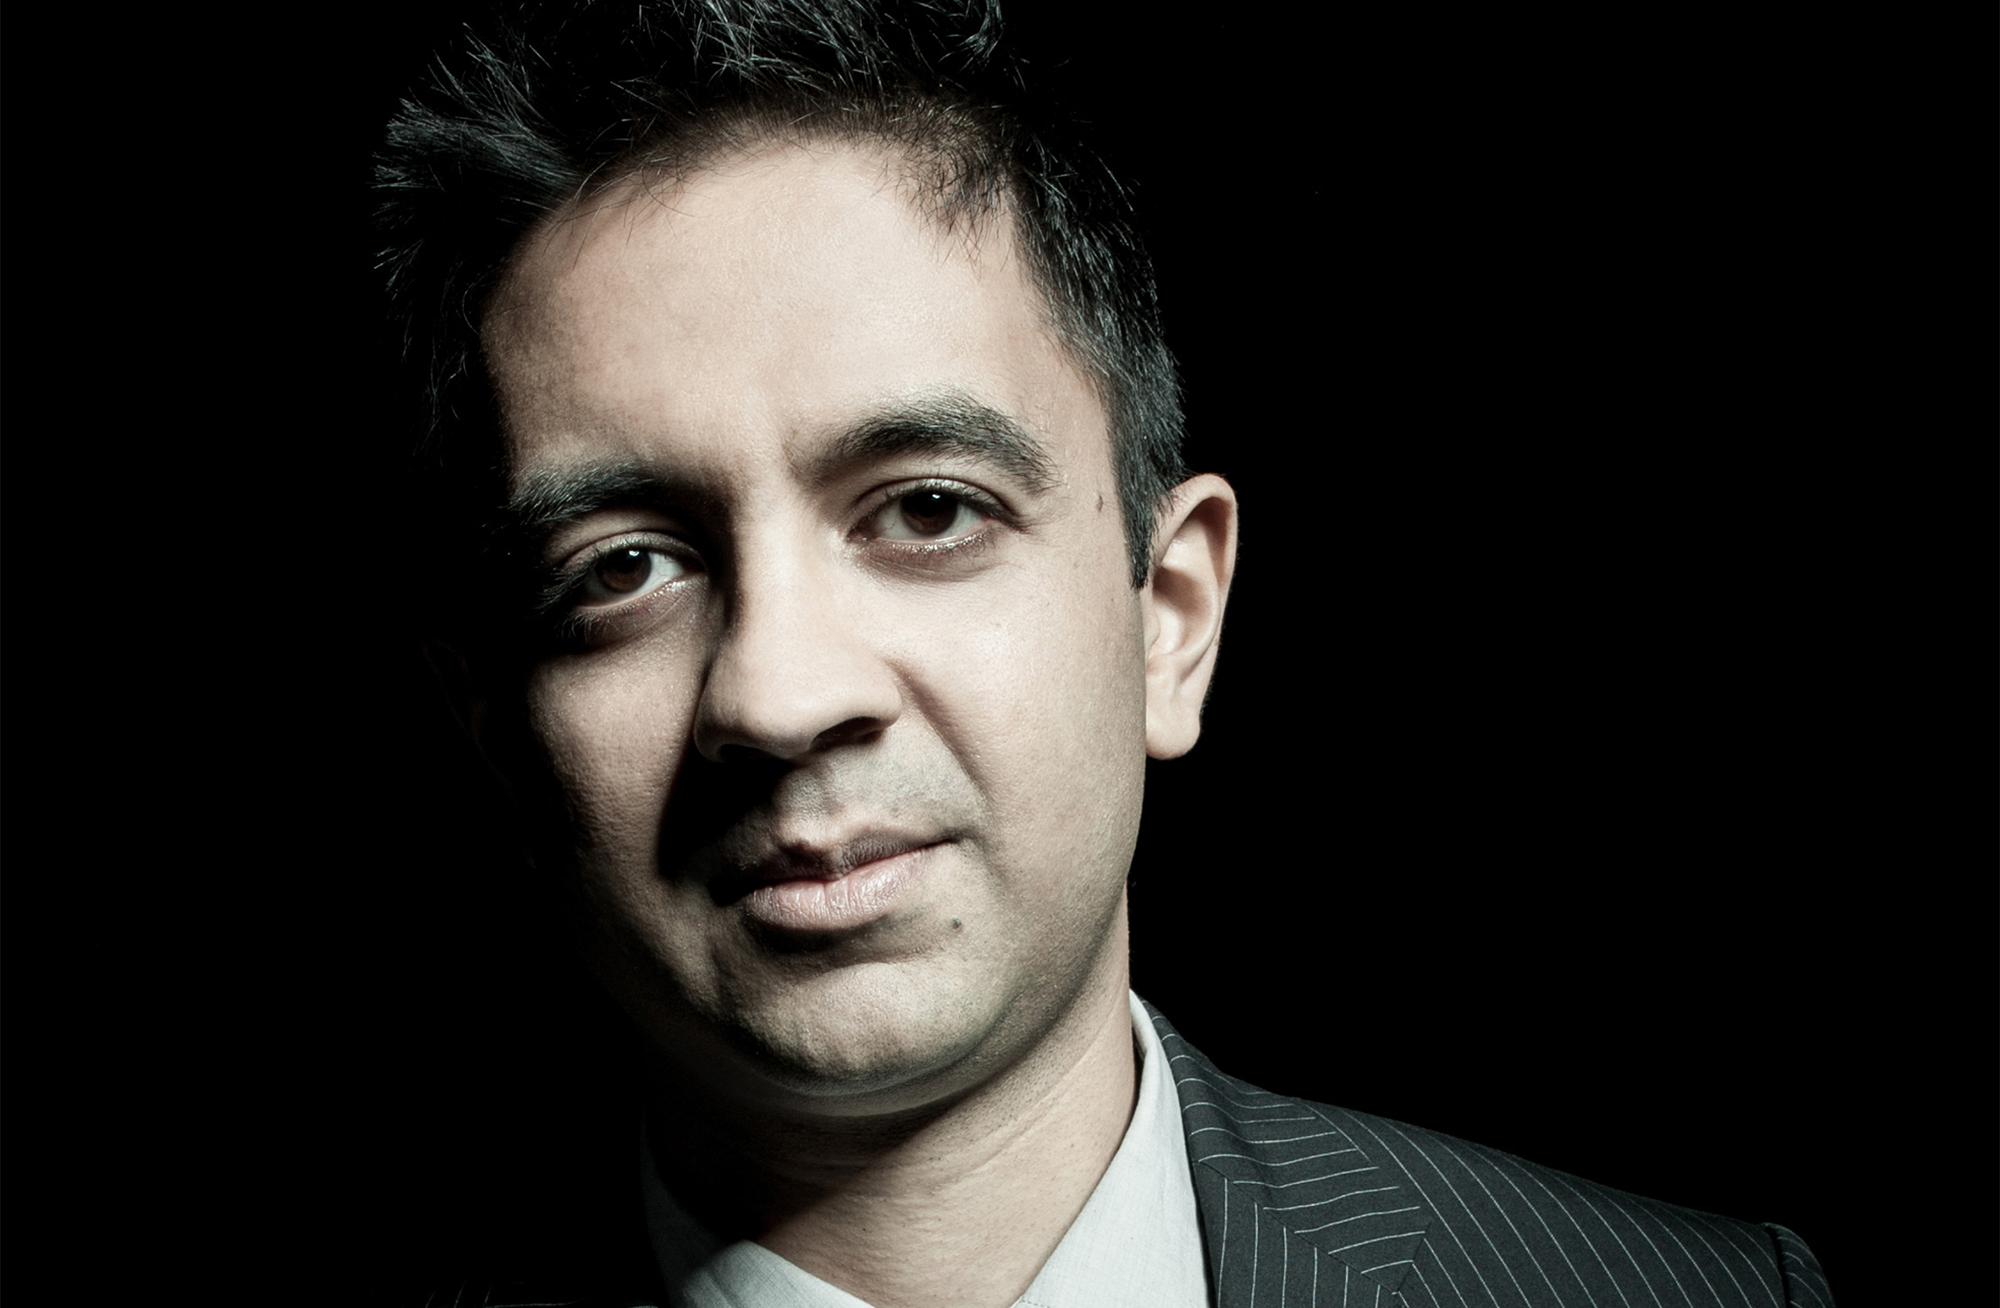 Vijay Iyer, Photo by Barbara Rigon.